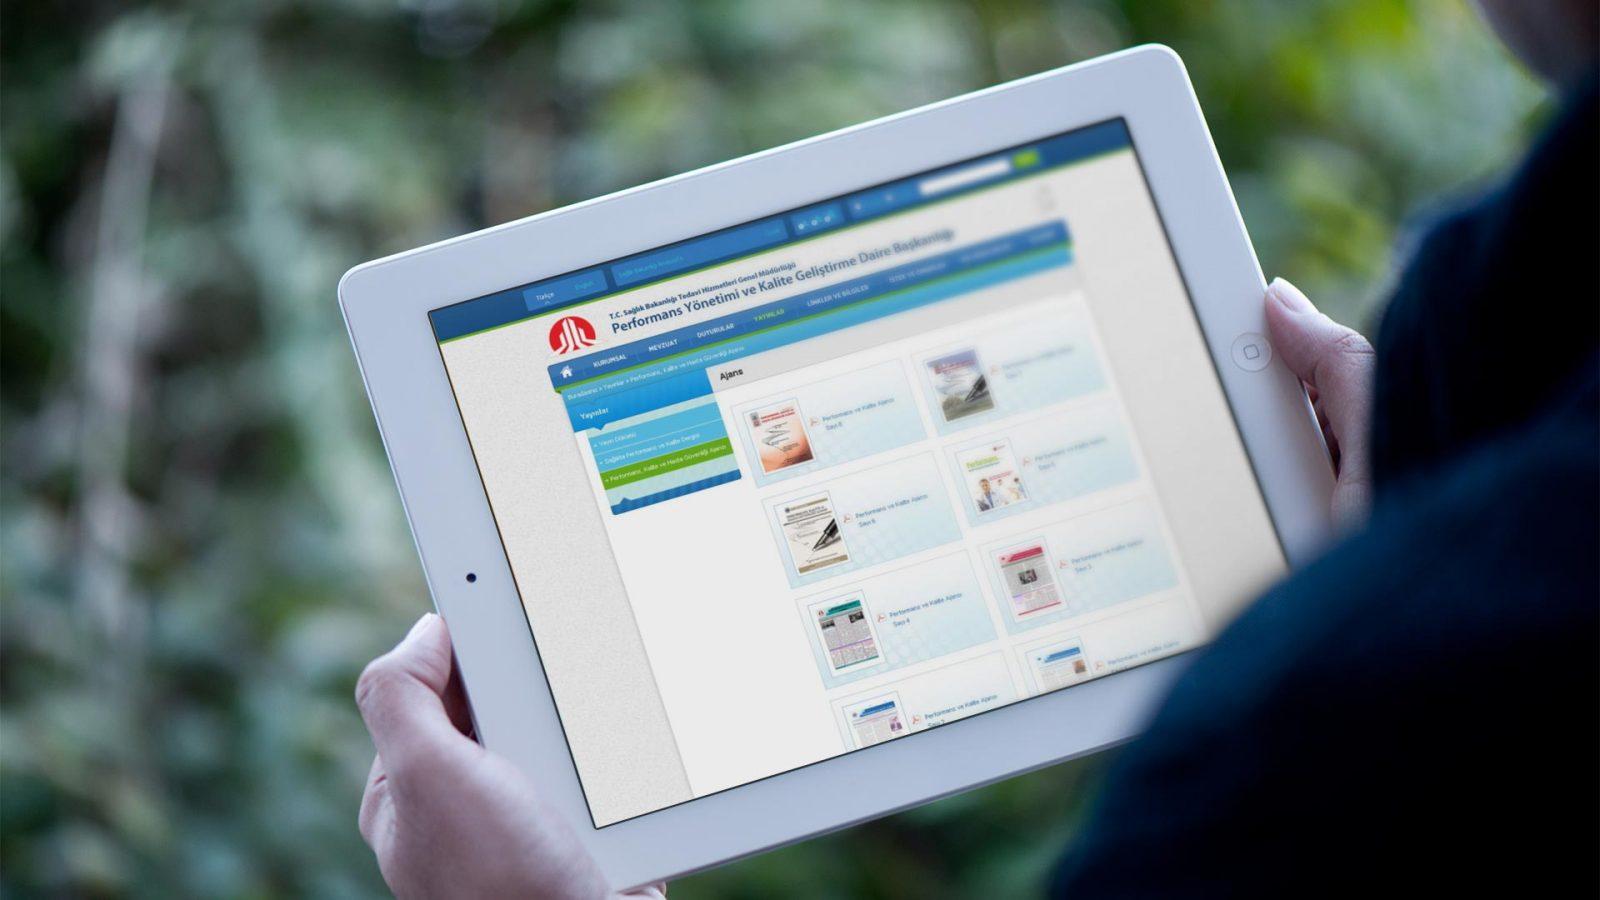 kalite web sitesi tasarımı 02